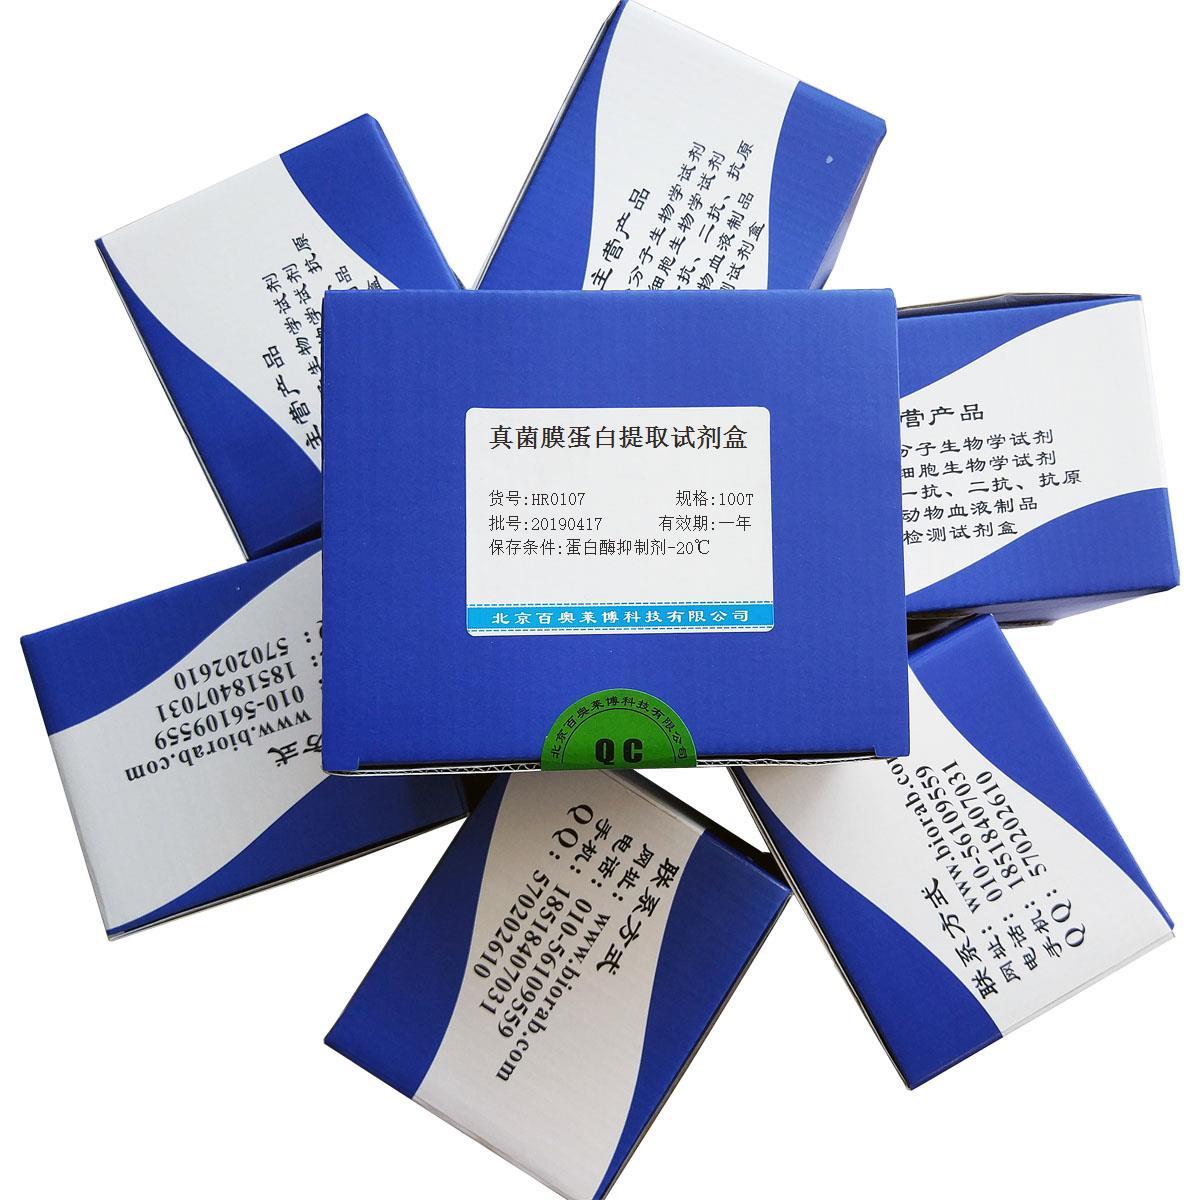 真菌膜蛋白提取试剂盒报价